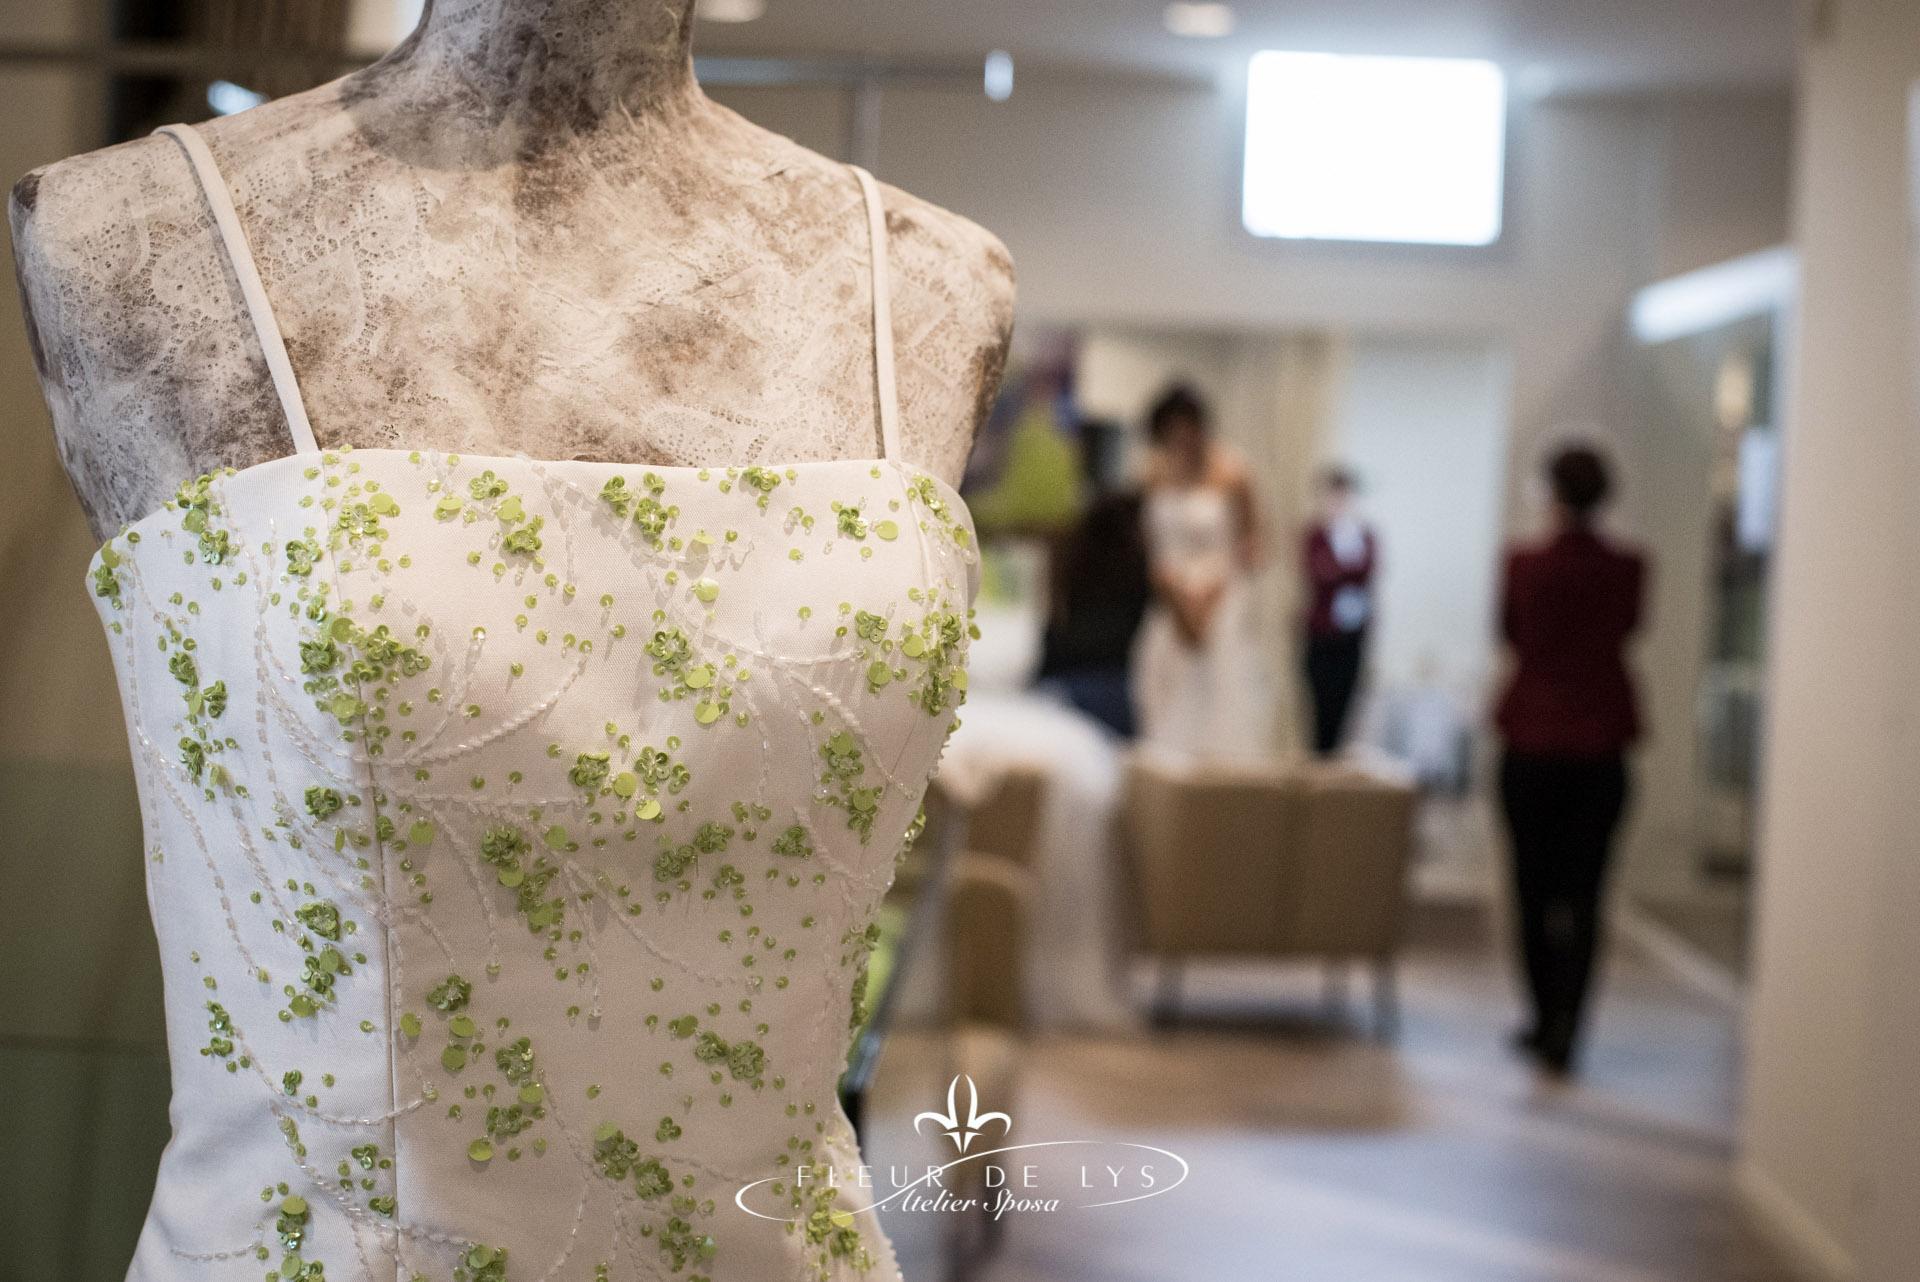 02-Atelier-Sposa-Fleur-De-Lys-Signoressa-di-Trevignano-Treviso